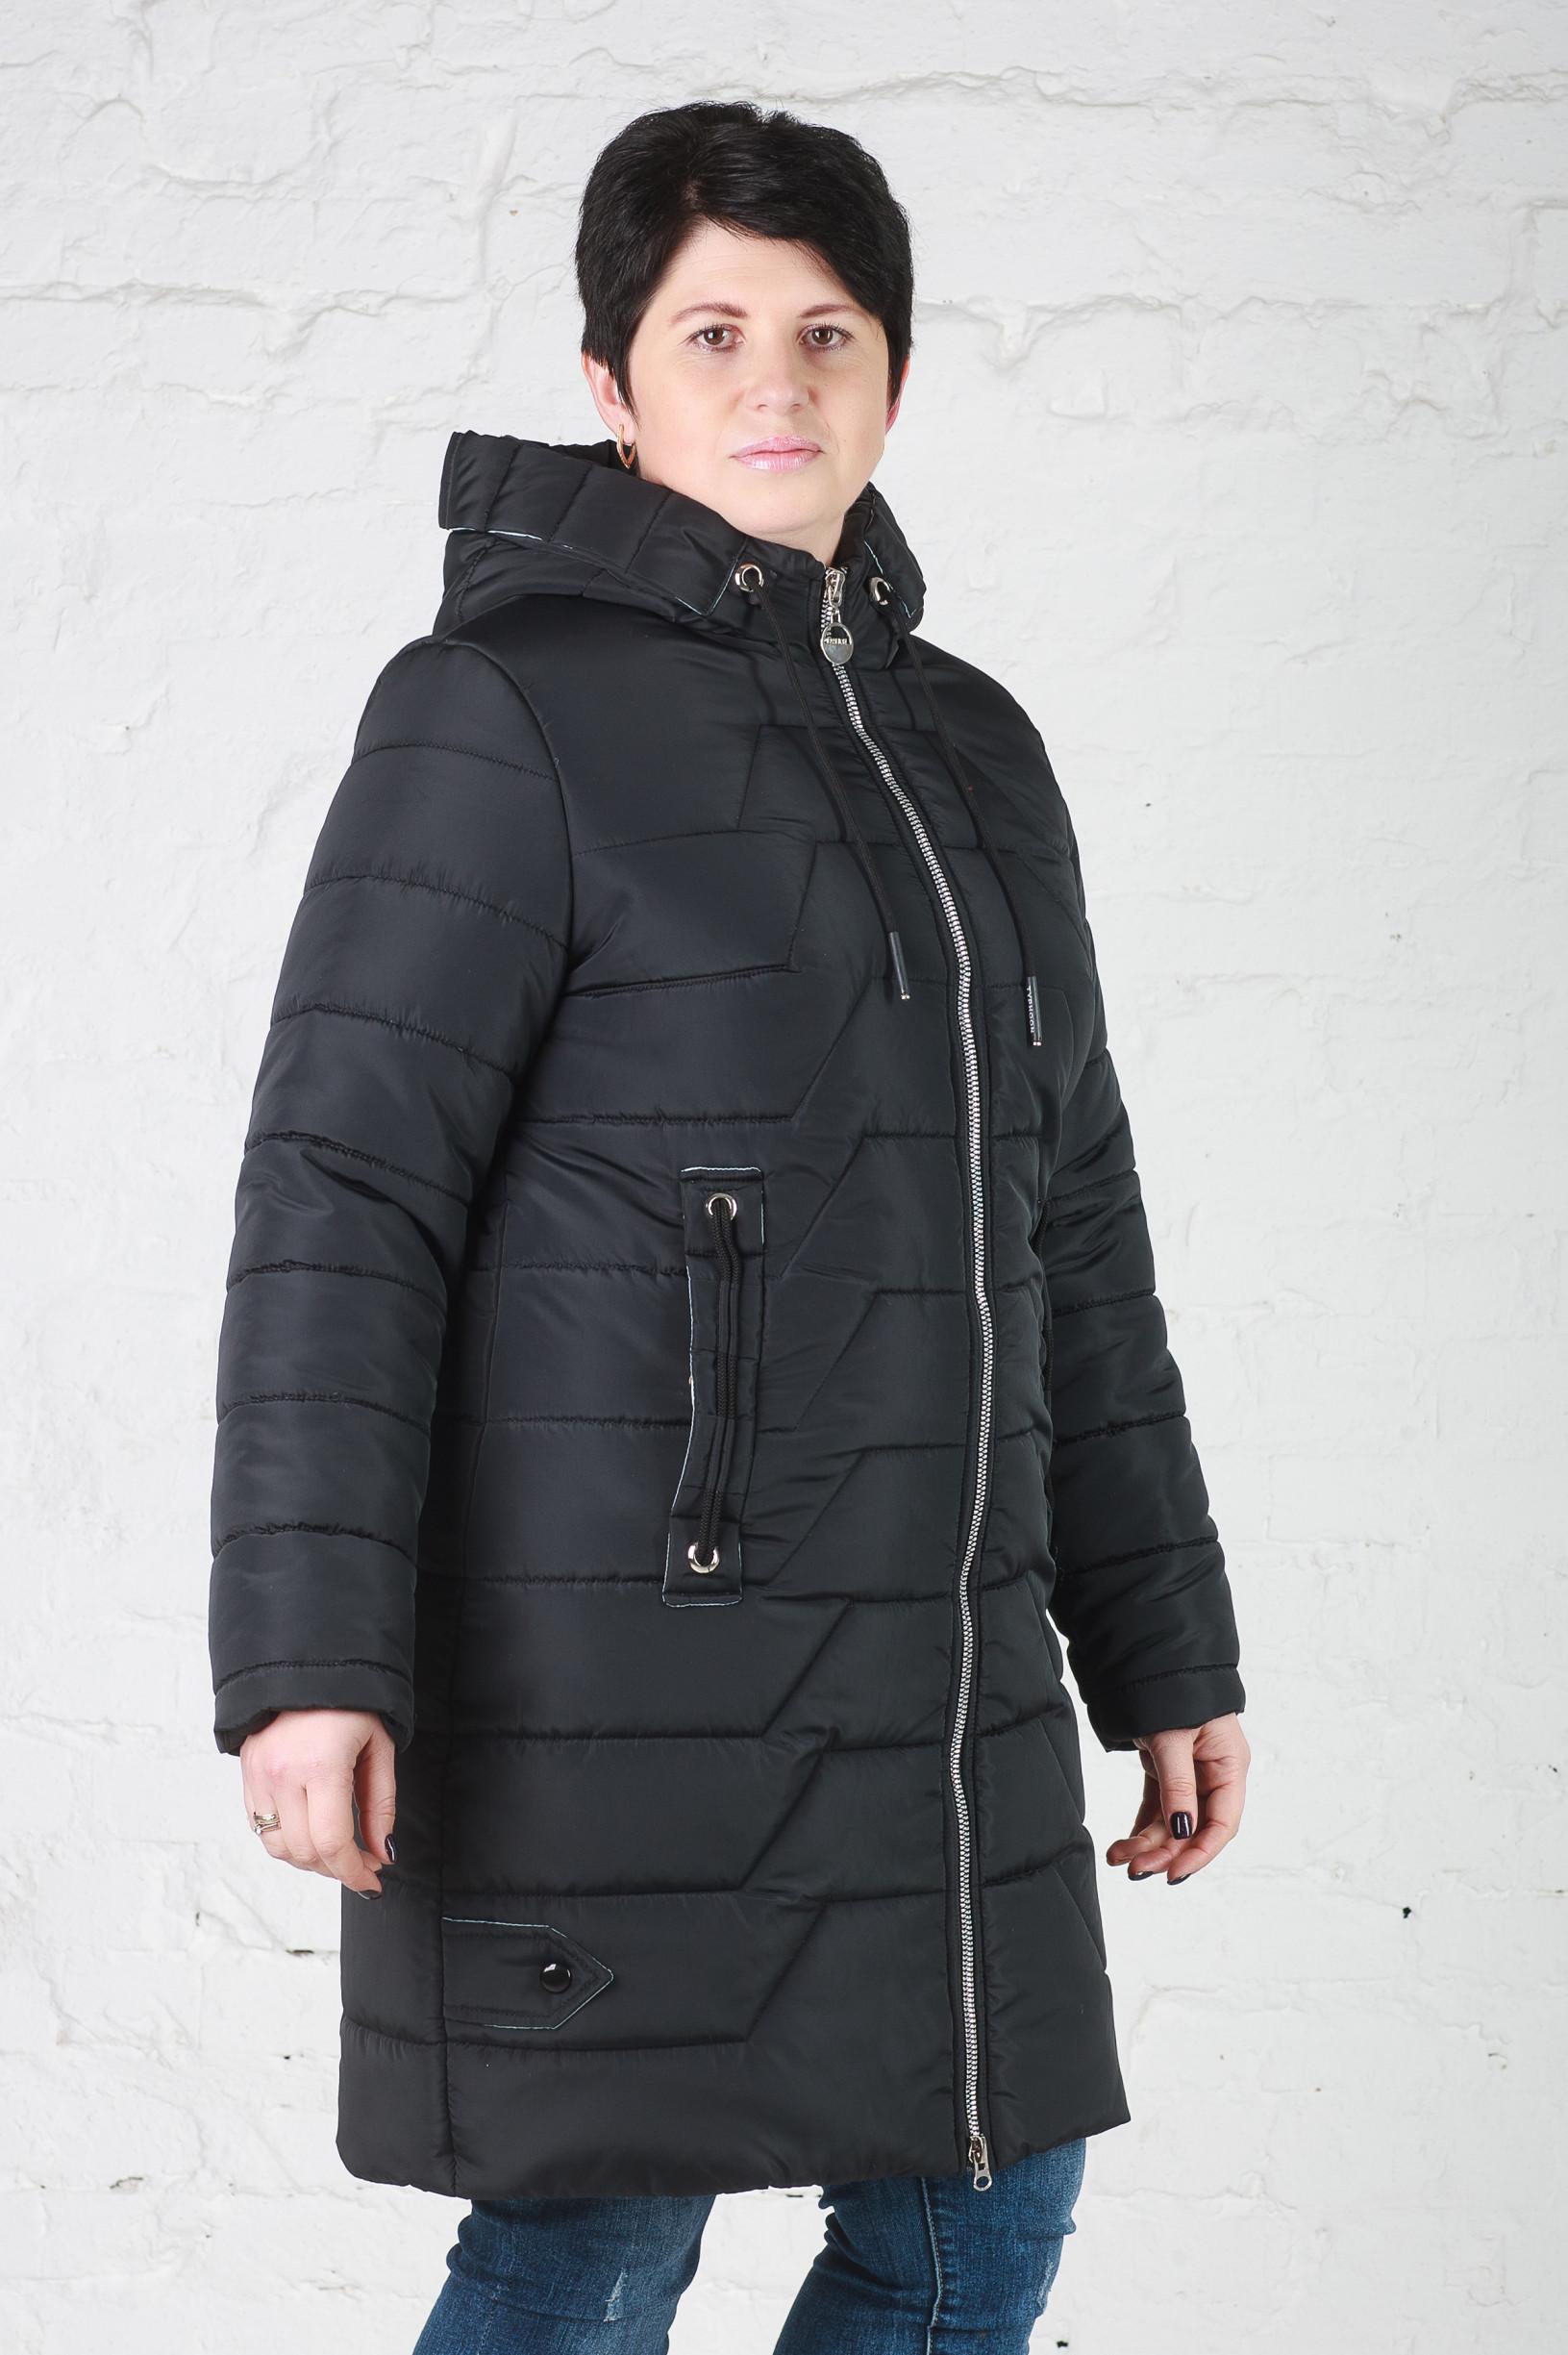 Куртка зимняя без меха Кайли темный графит